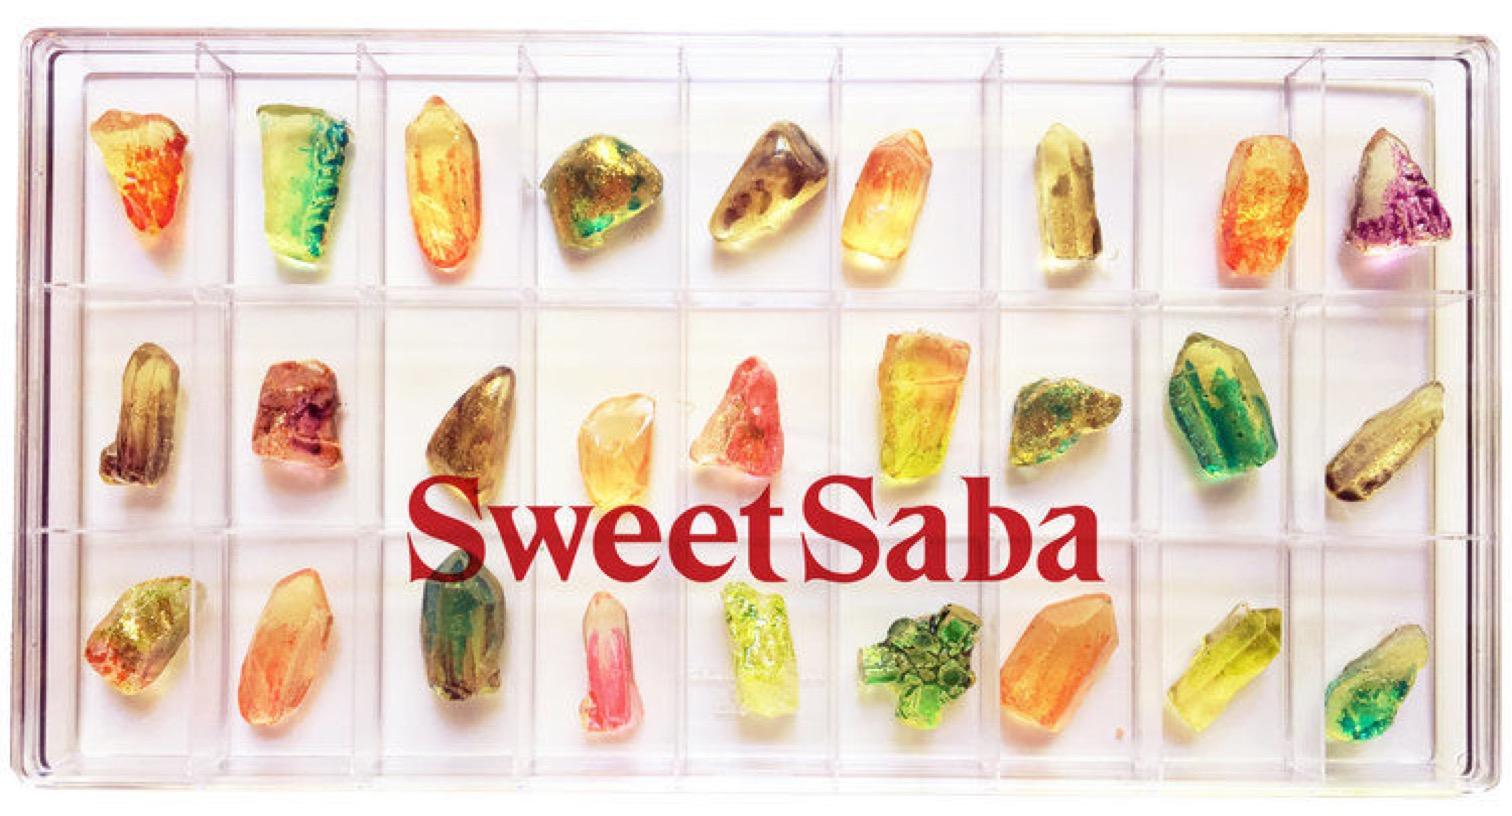 Sans titre 29 - Des bonbons comme des cristaux